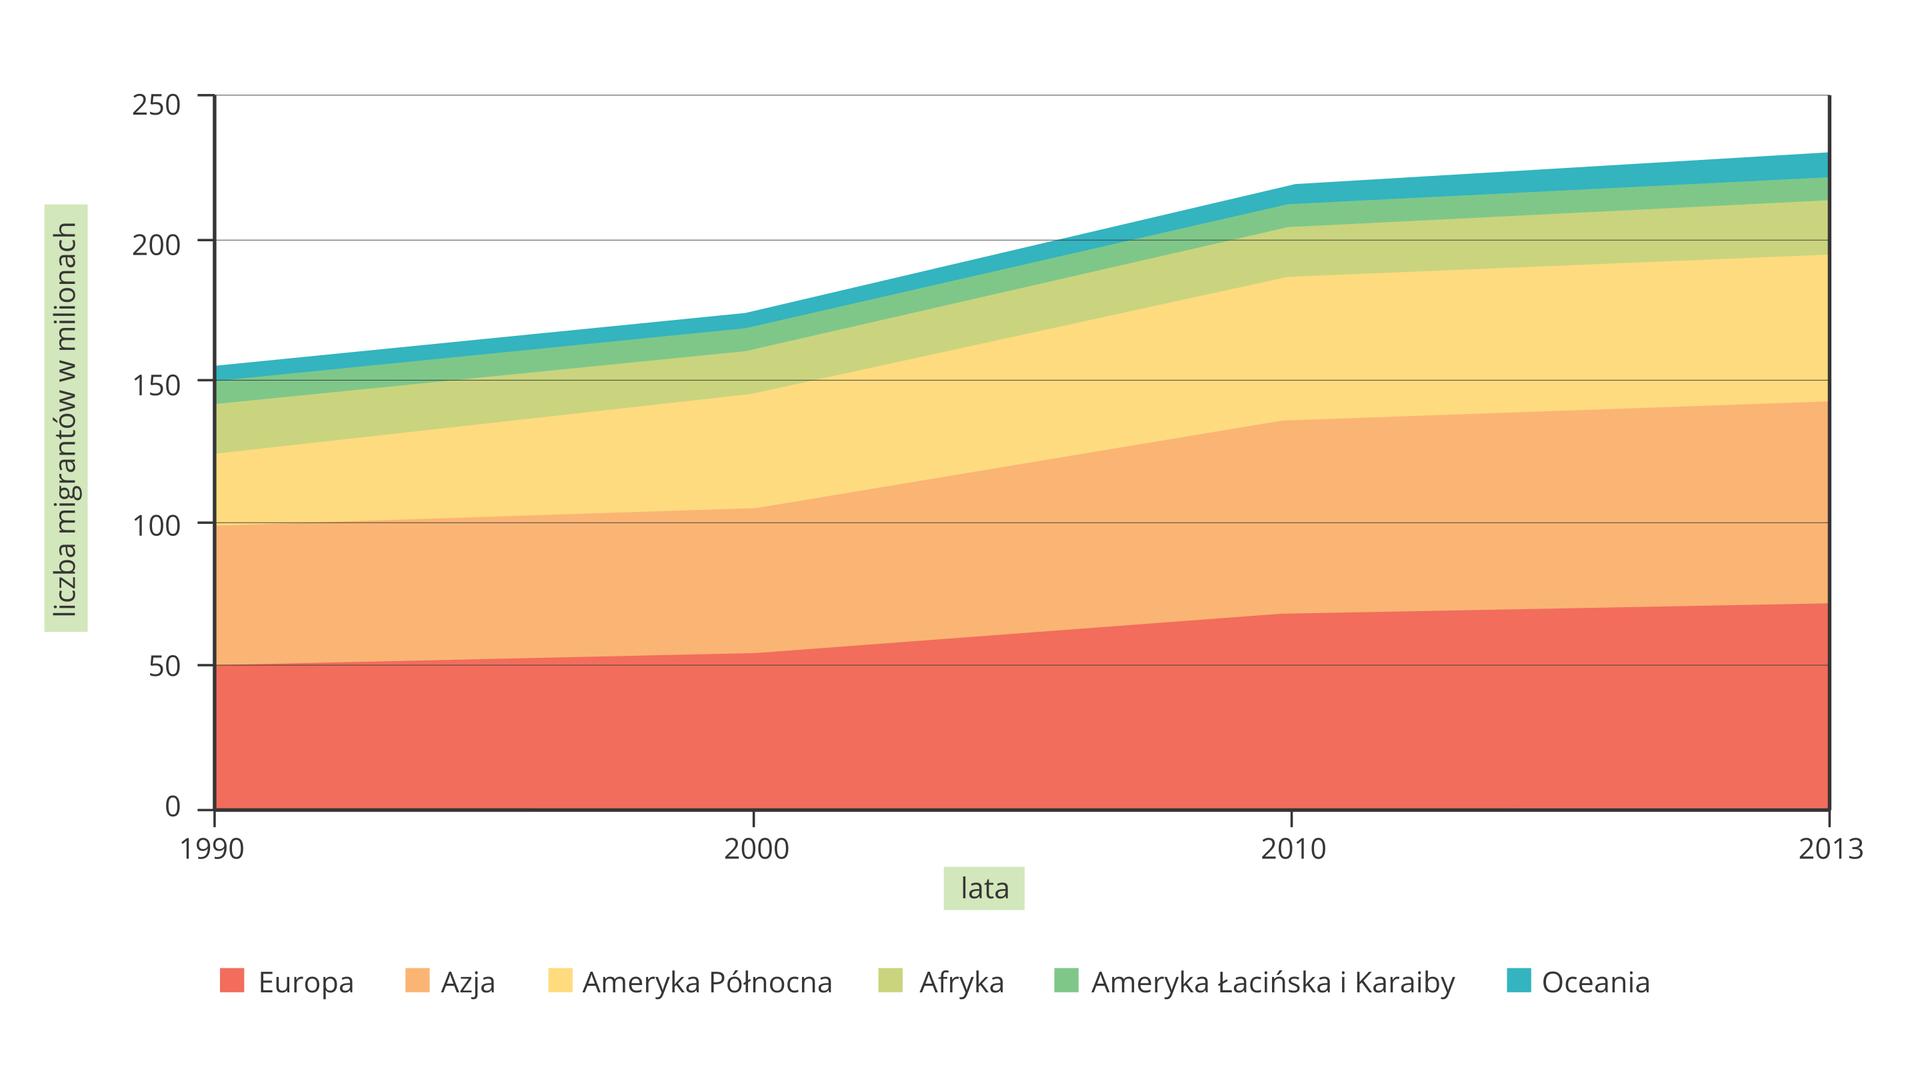 Na ilustracji wykres. Zlewej strony na osi pionowej podziałka od zera do dwustu pięćdziesięciu iopis liczba migrantów wmilionach. Na osi poziomej lata od tysiąc dziewięćset dziewięćdziesiąt do dwa tysiące trzynaście. Sześcioma kolorowym pasami oznaczona zmiana liczby migrantów na poszczególnych kontynentach. Najszersze pasy – Europa iAzja. Trend wzrostowy.